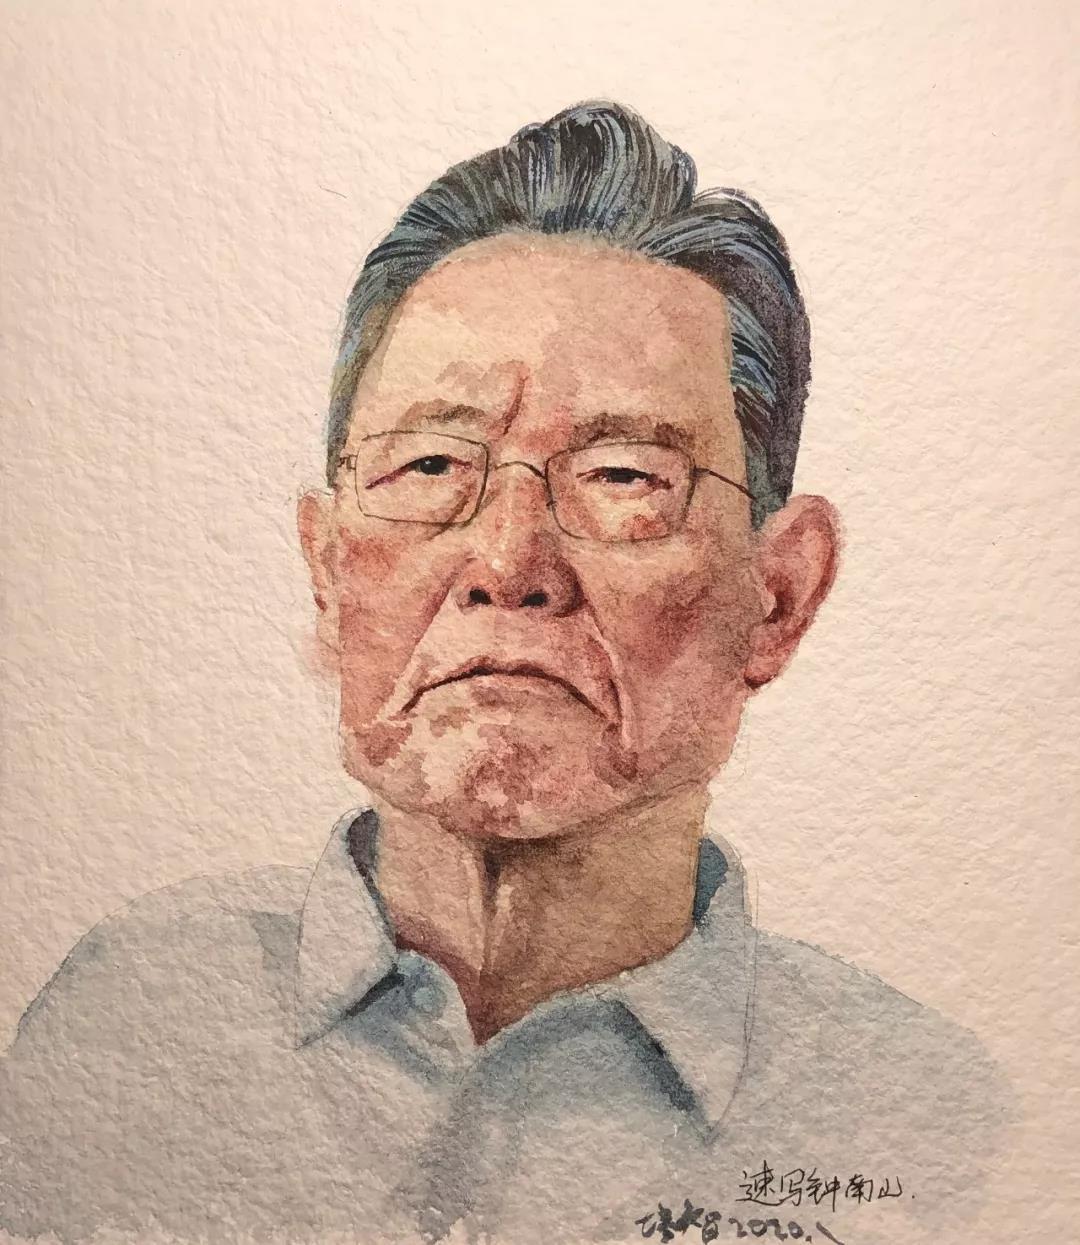 趙培智  生命捍衛者—鐘南山